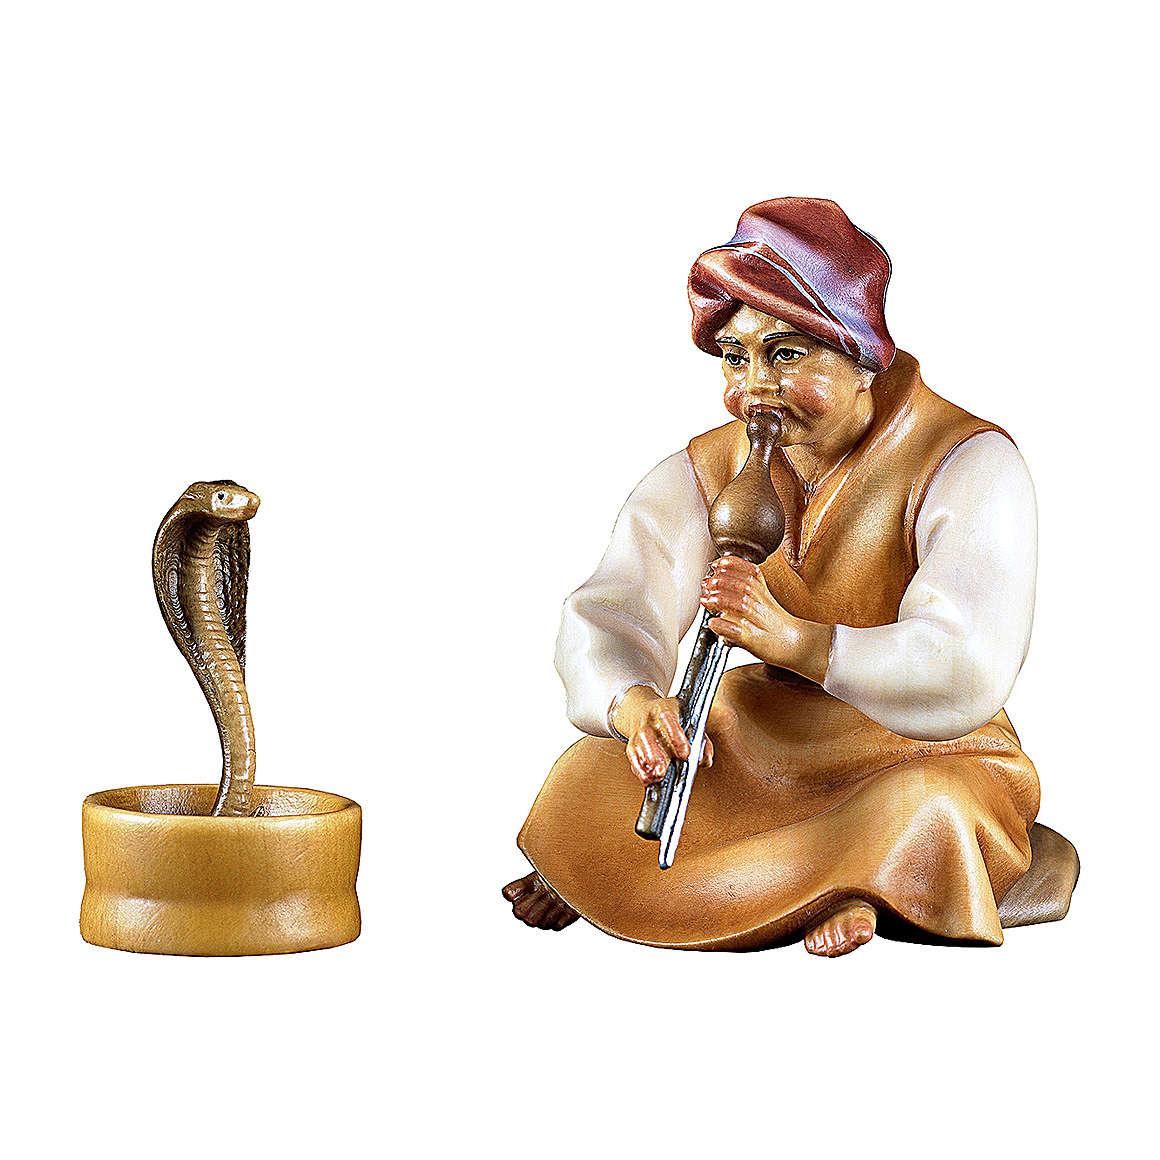 Incantatore di serpenti presepe Original Cometa legno dipinto in Valgardena 12 cm 4